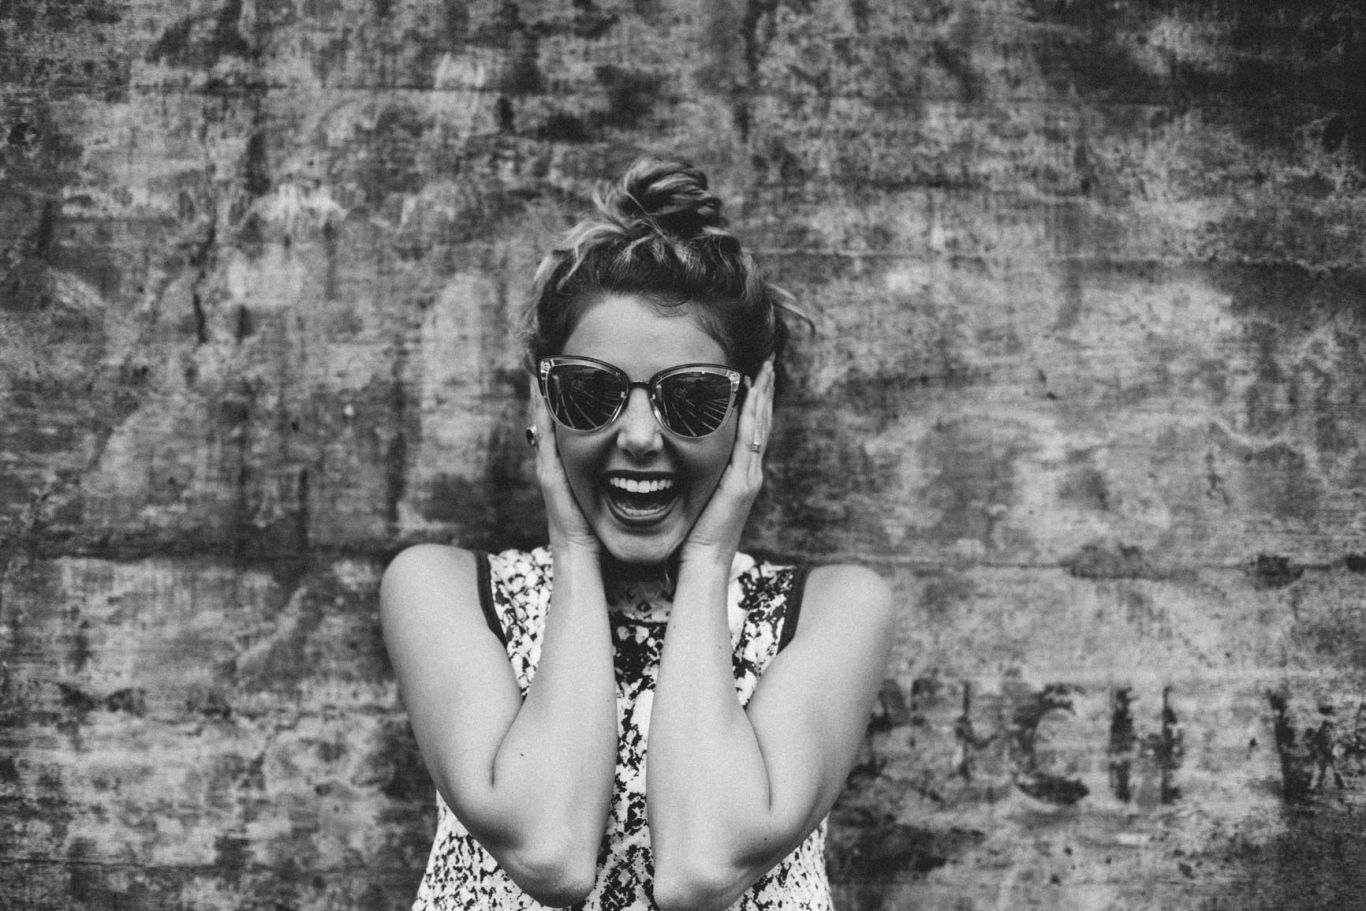 curso felicidade yale online 1